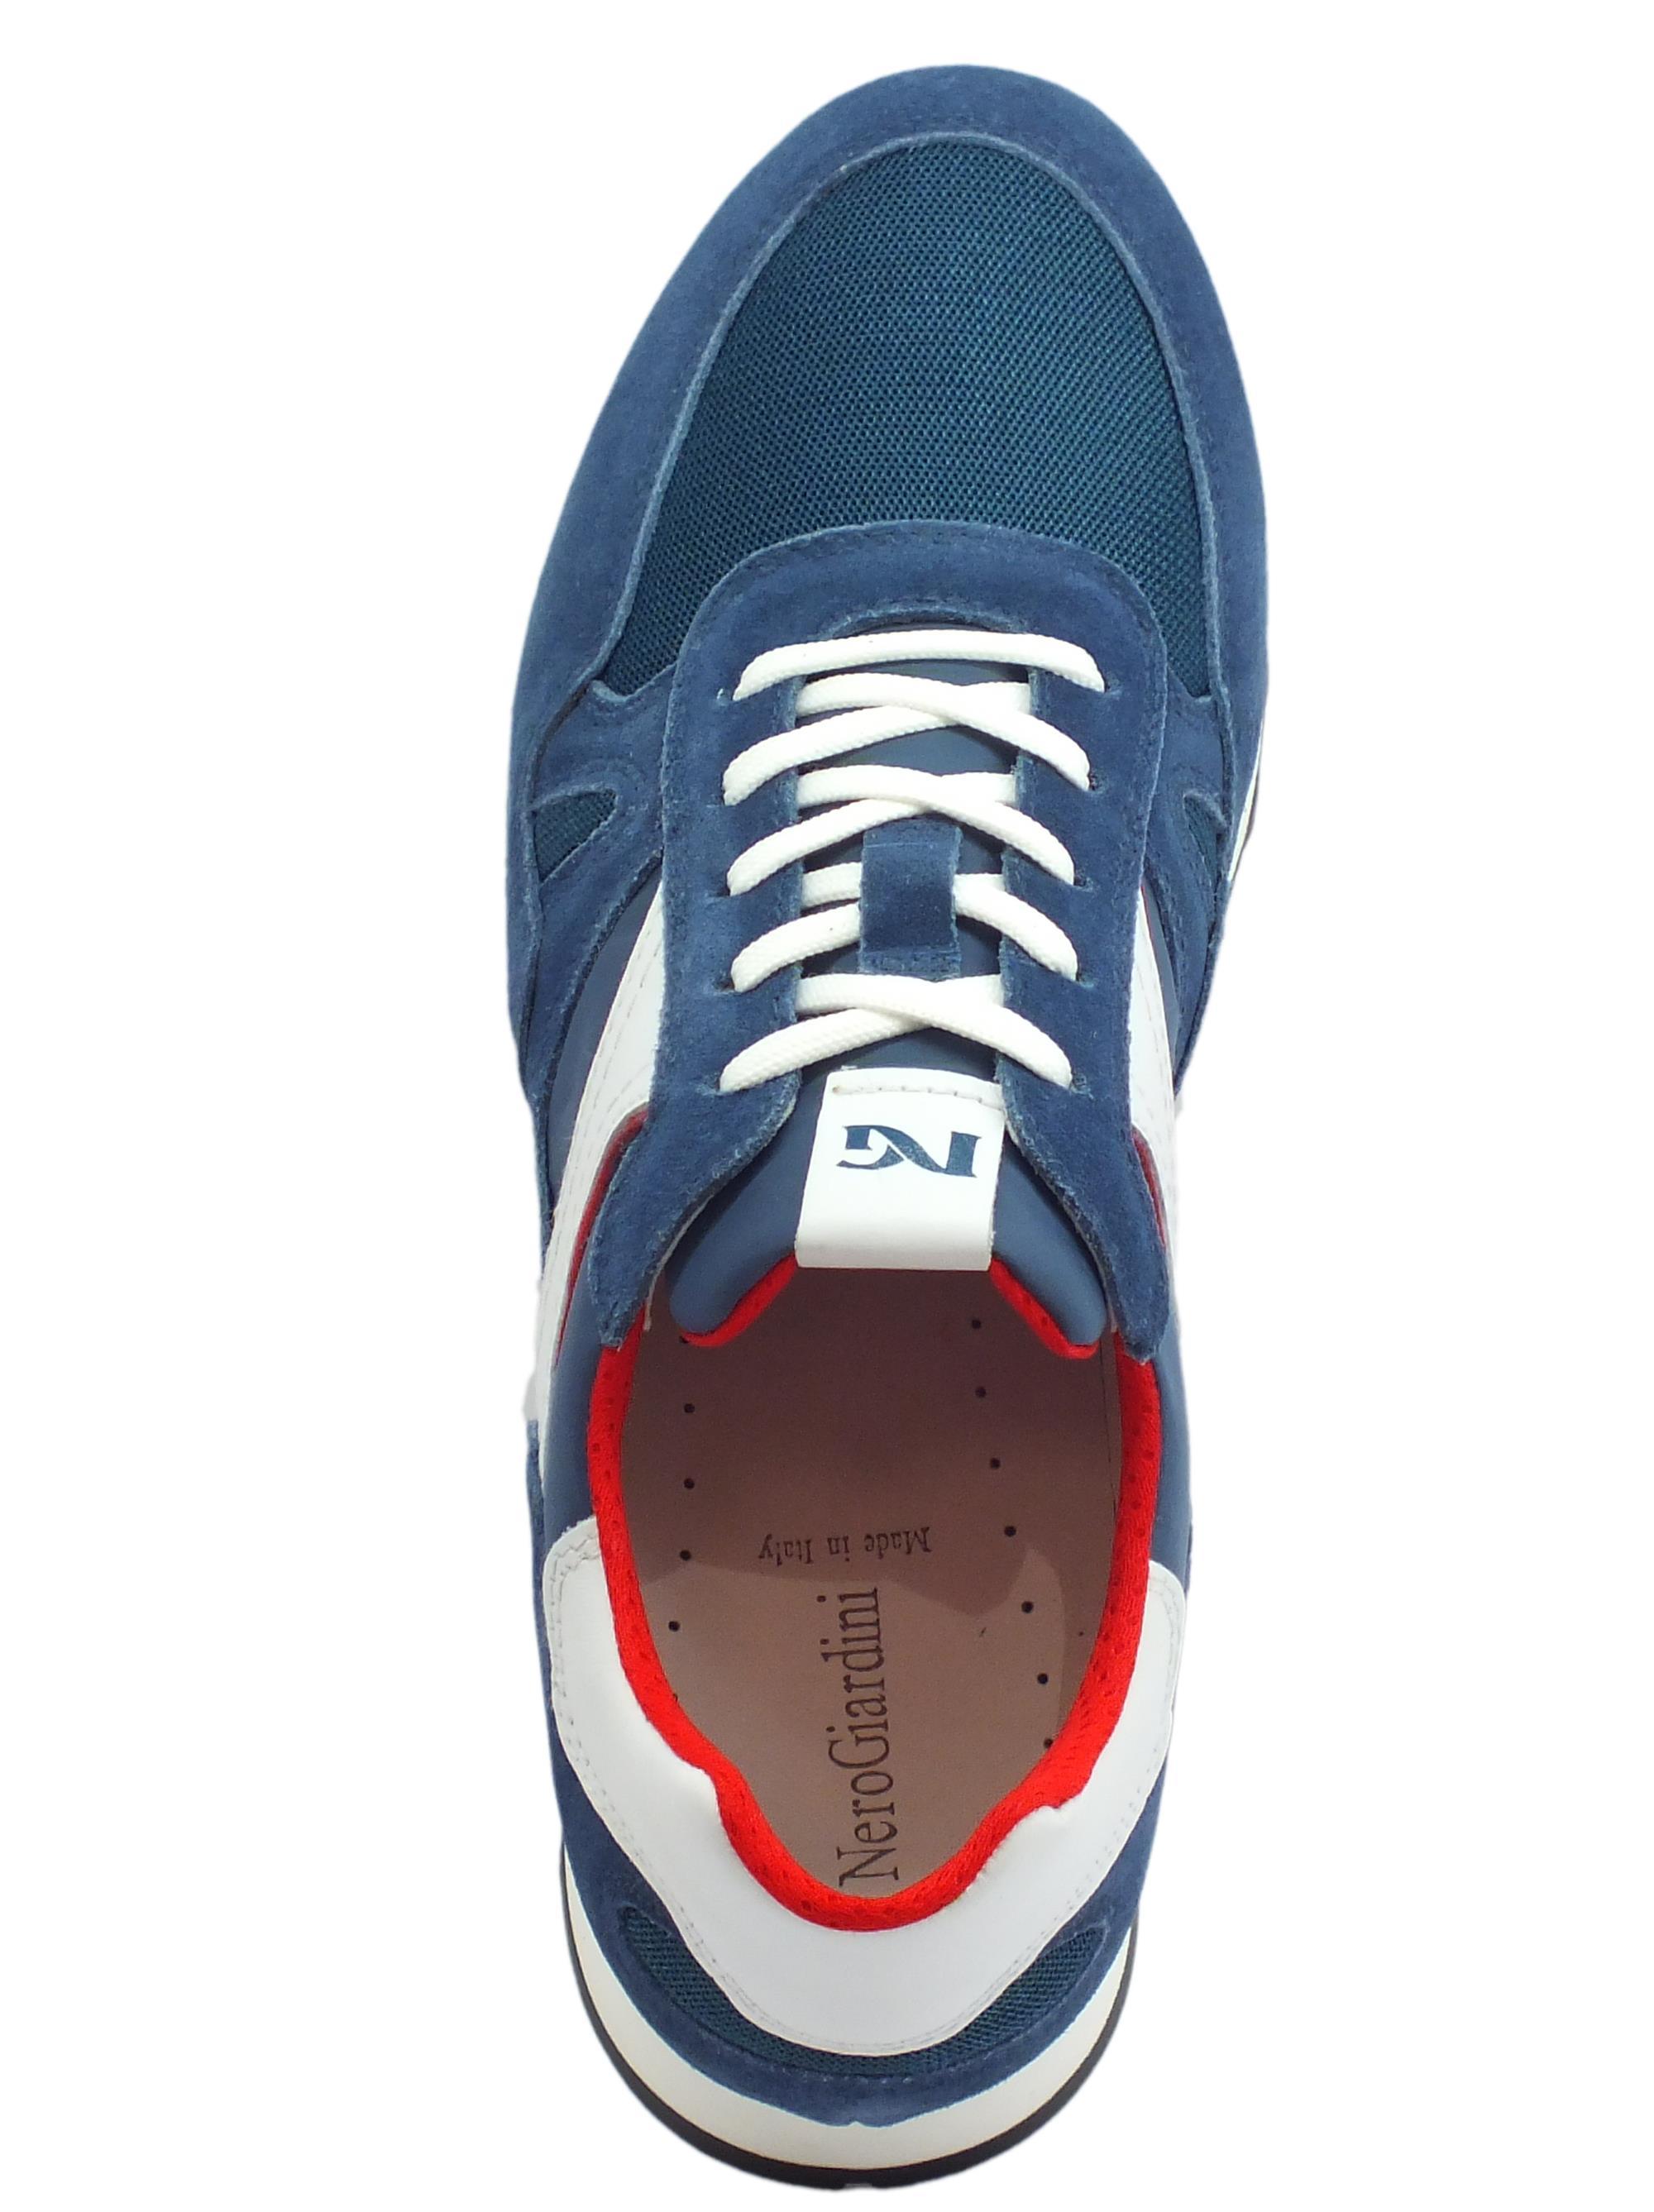 ... Scarpe sportive NeroGiardini per uomo in camoscio e tessuto blu pelle  bianca 5edccbbd836